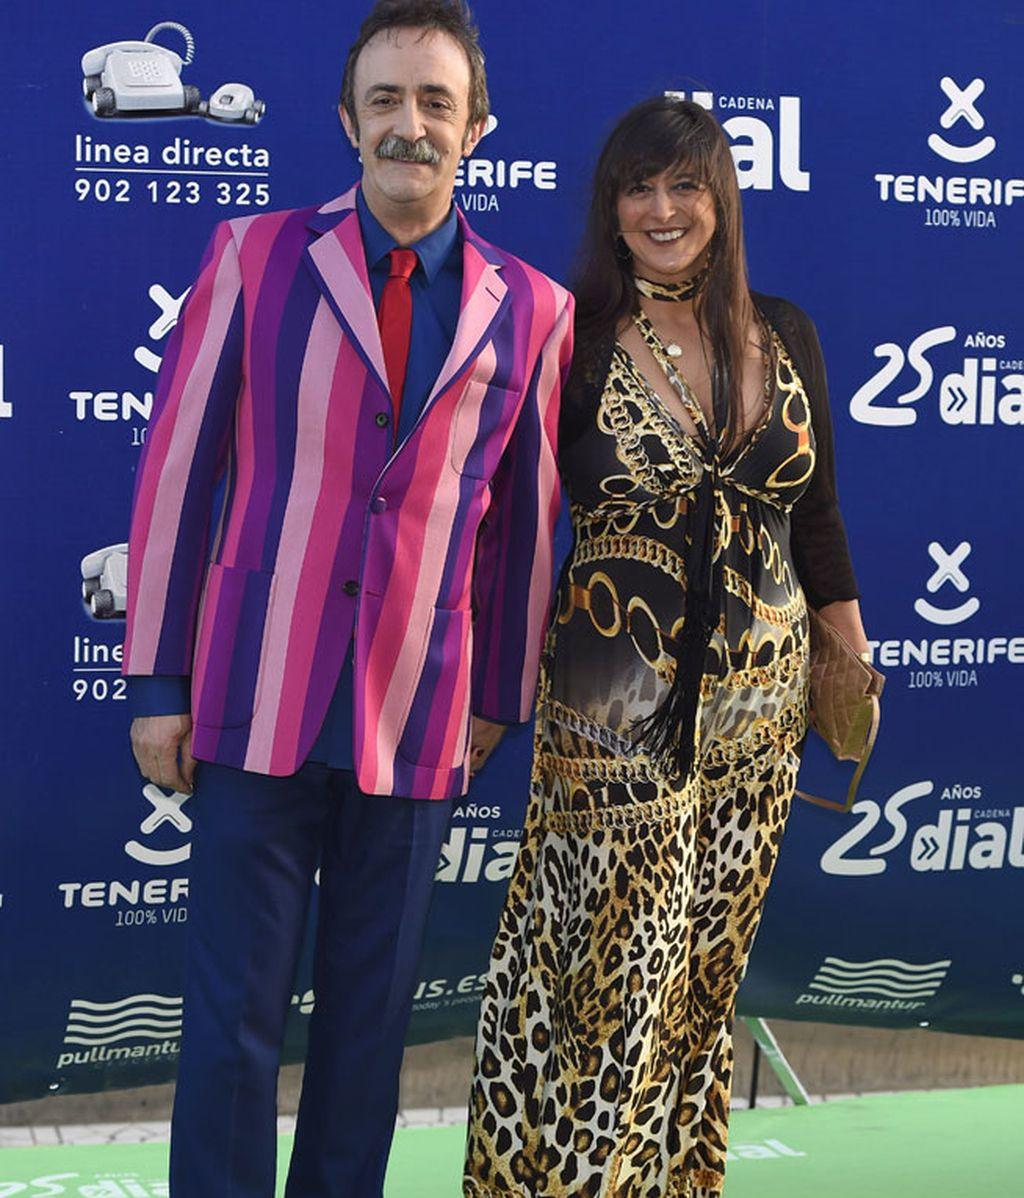 Santi Rodríguez con una llamativa americana y su pareja